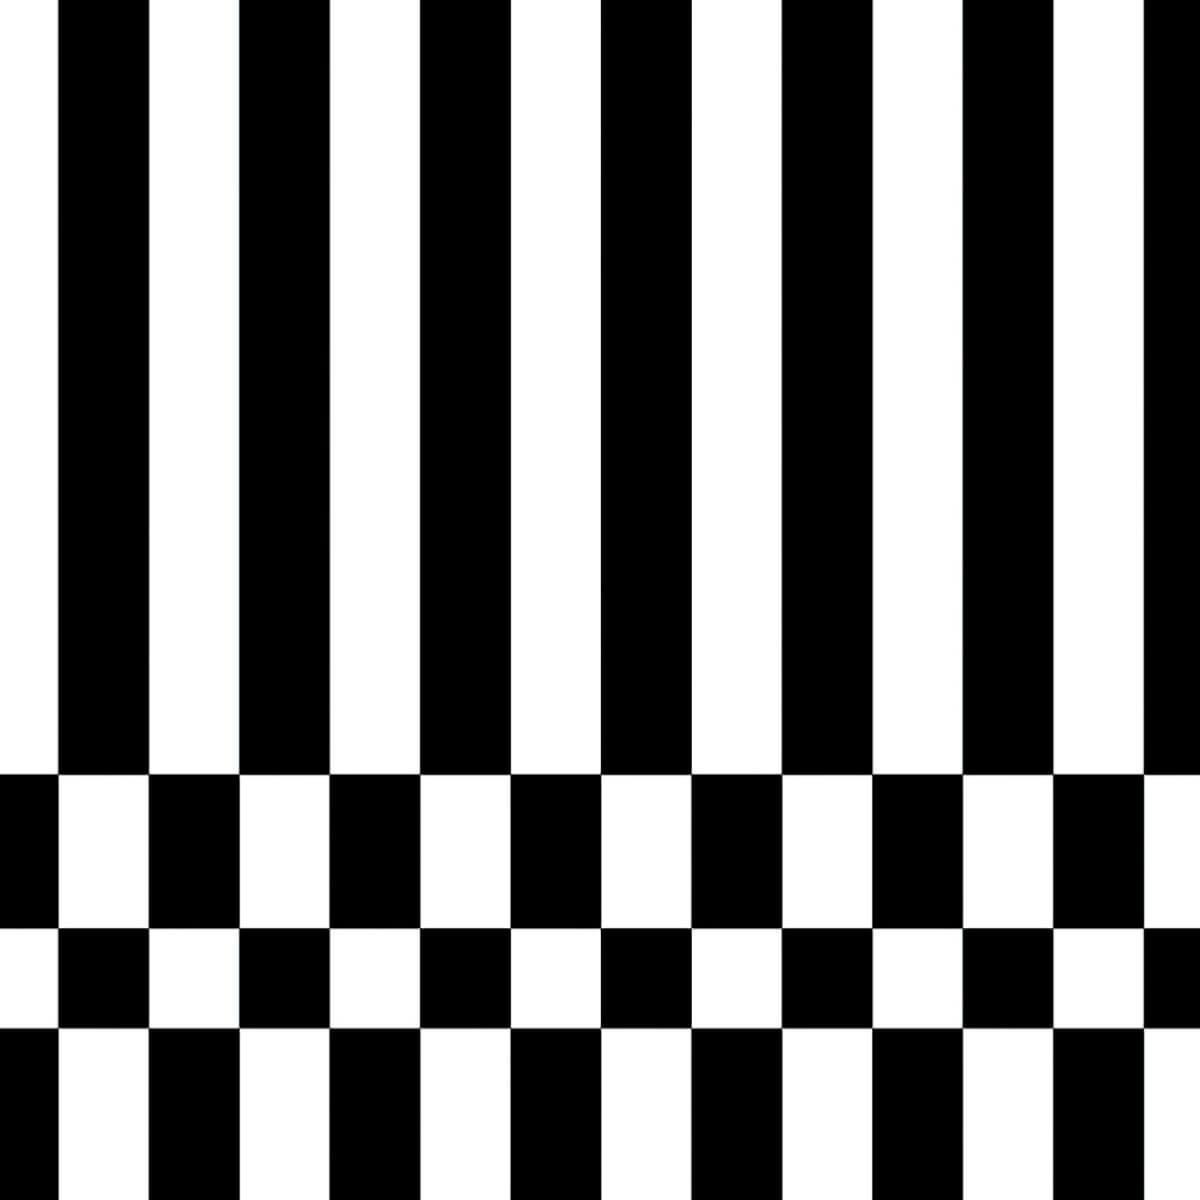 Papel de parede retângulos preto e branco | Regina Strumpf